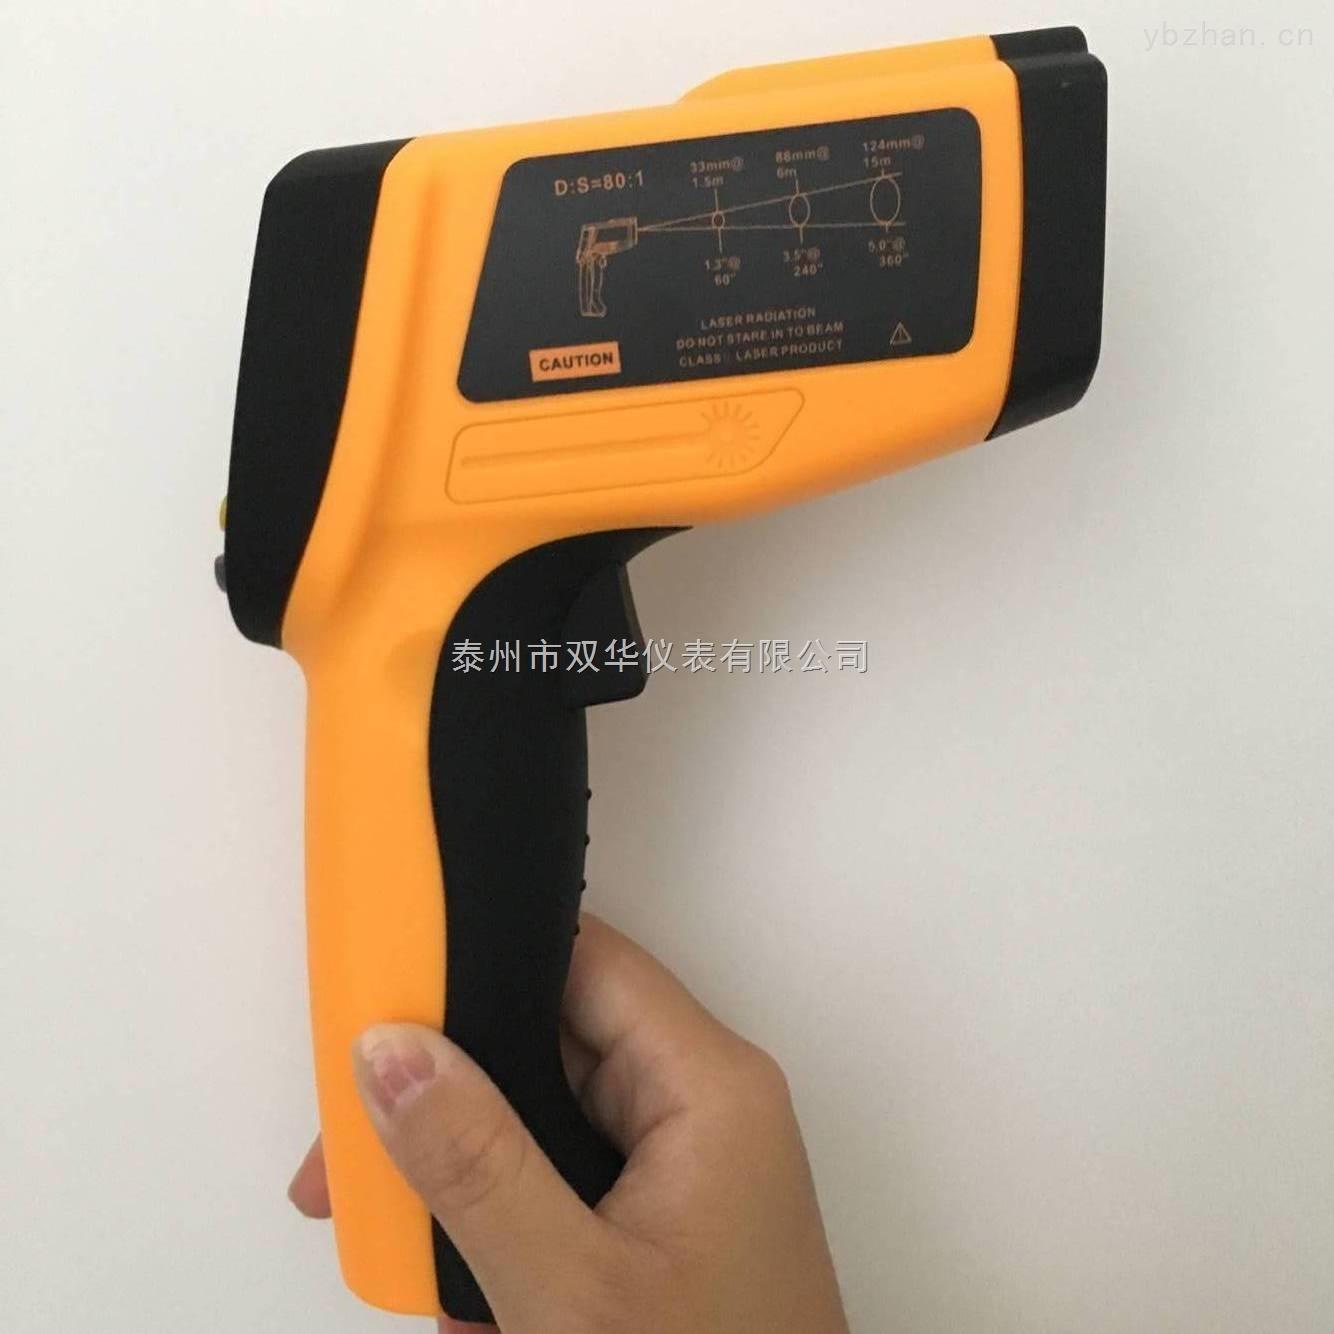 SH-金属溶液高温检测在线式红外测温仪